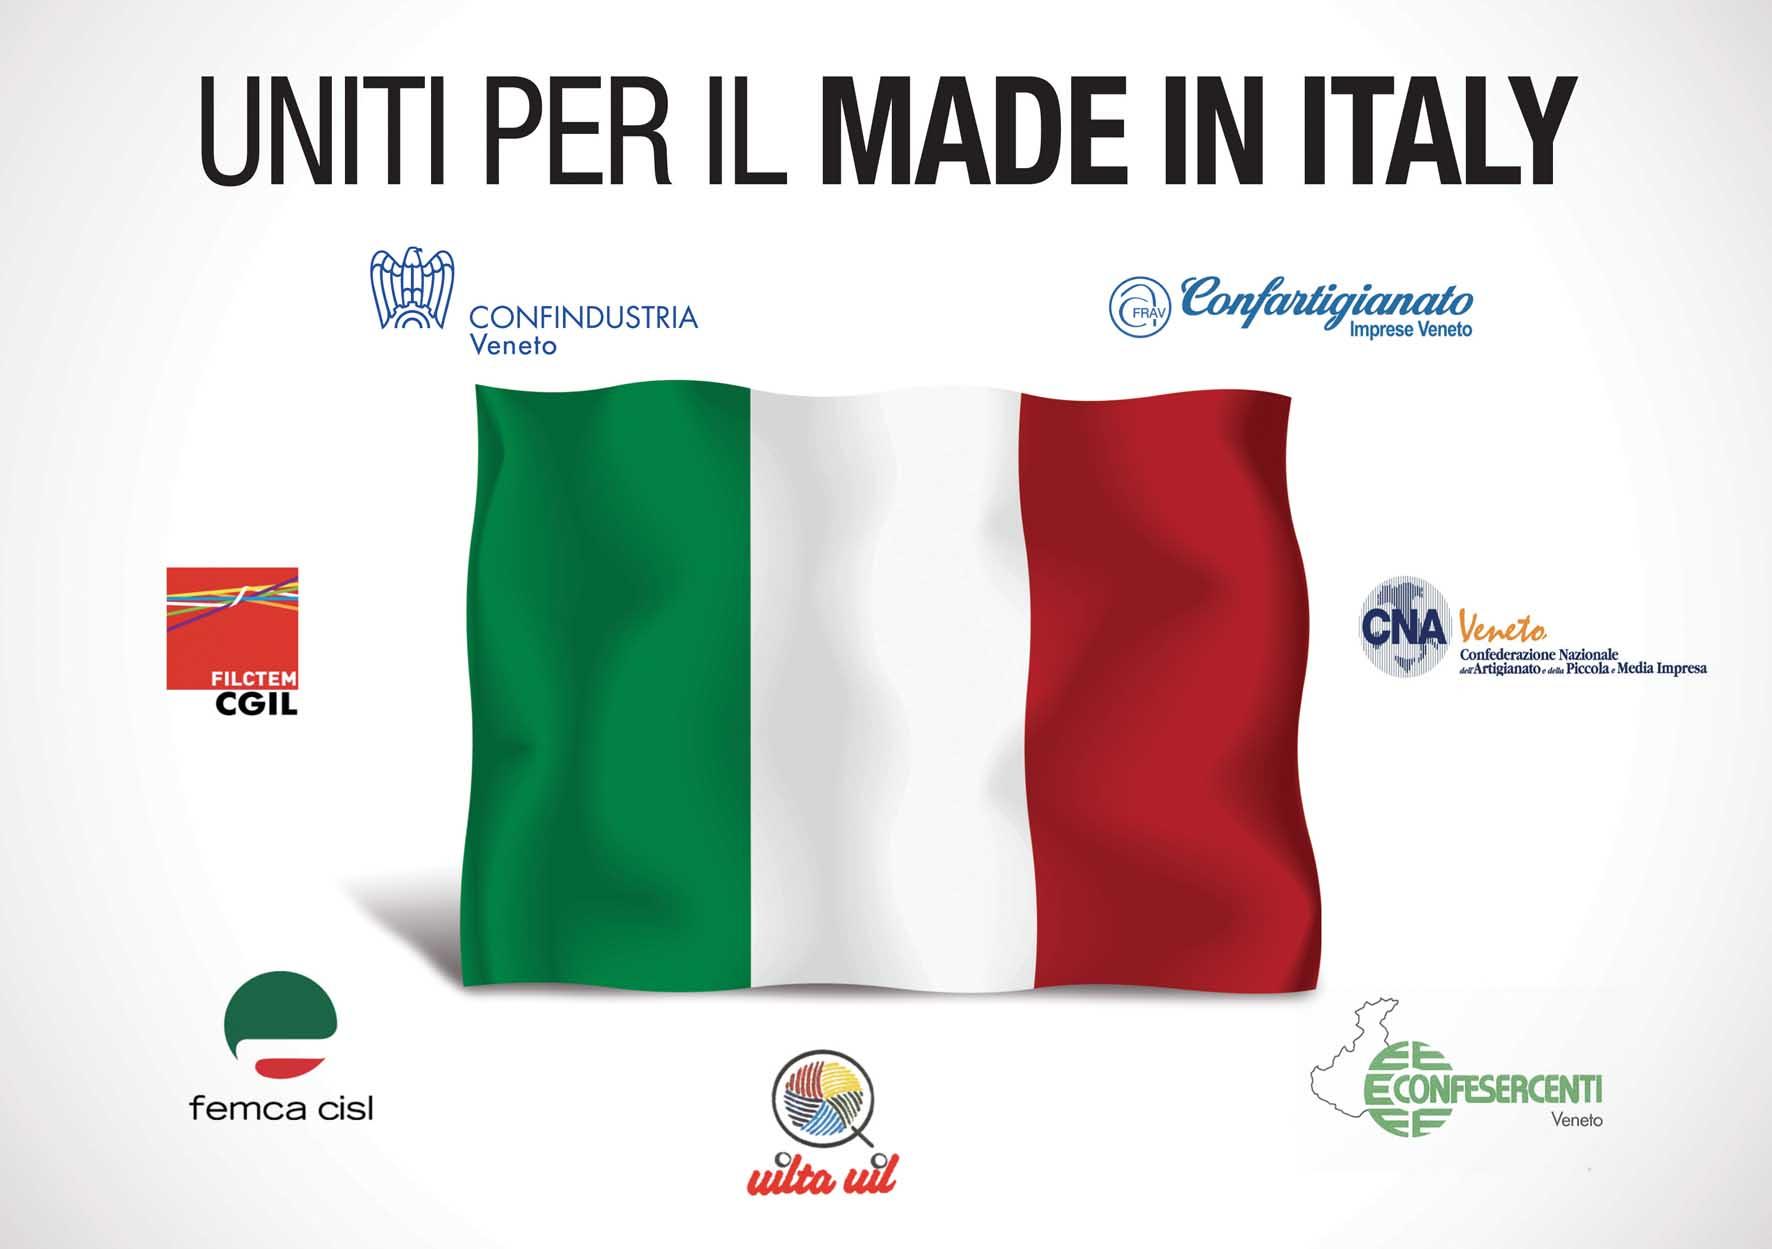 tavolo veneto della moda logo tutti uniti per il made in italy moda veneto 1